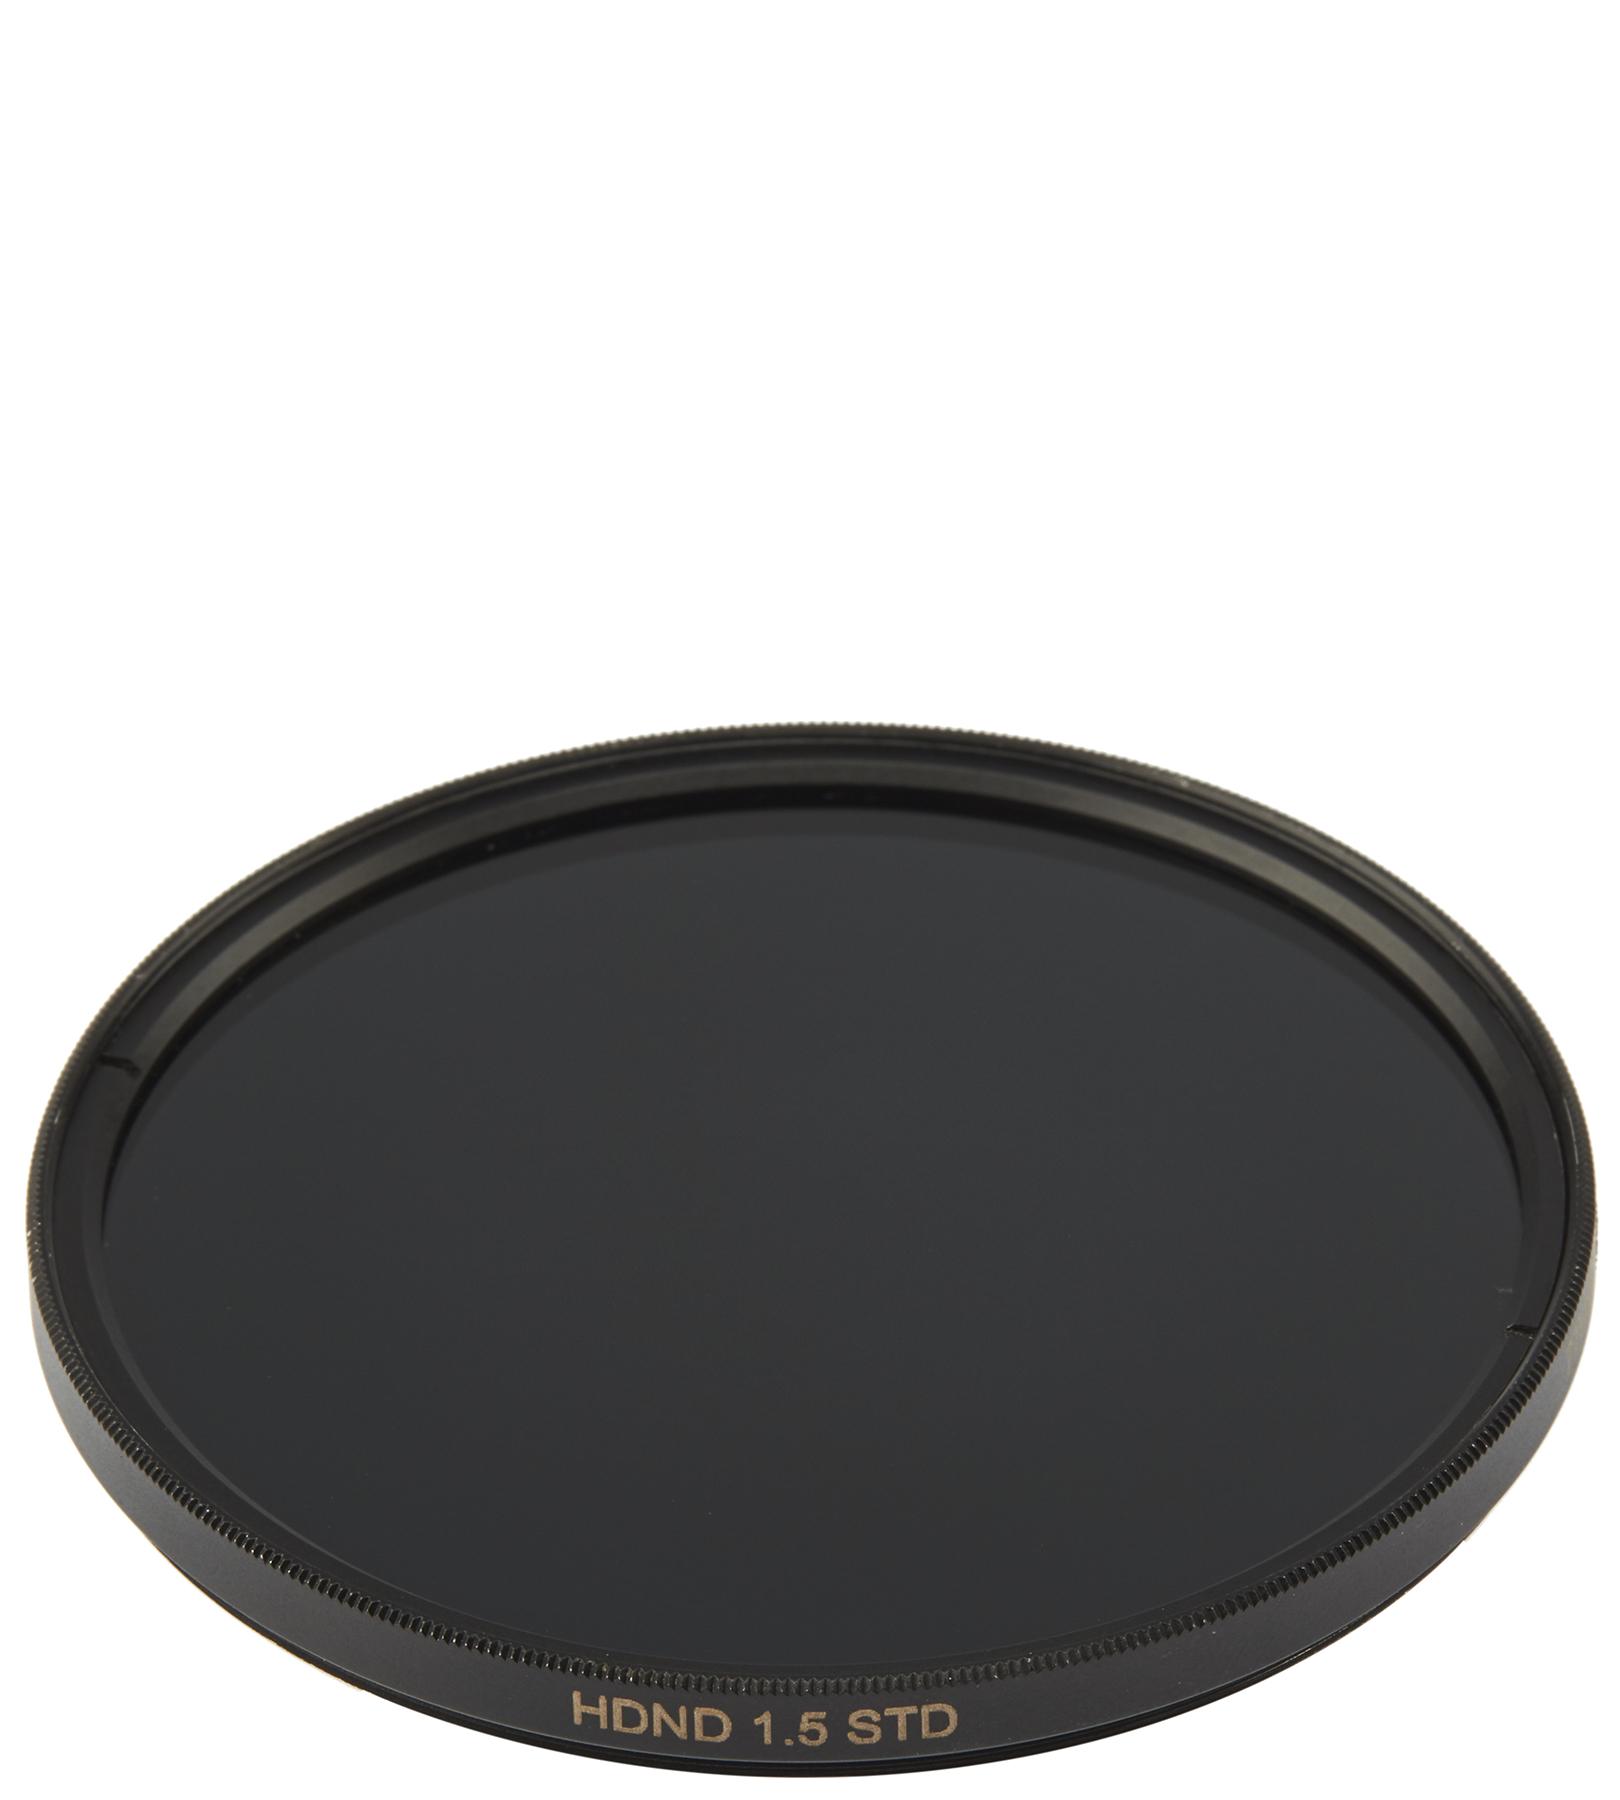 Filtro de lente ND 1.5 5 stops 77mm Formatt